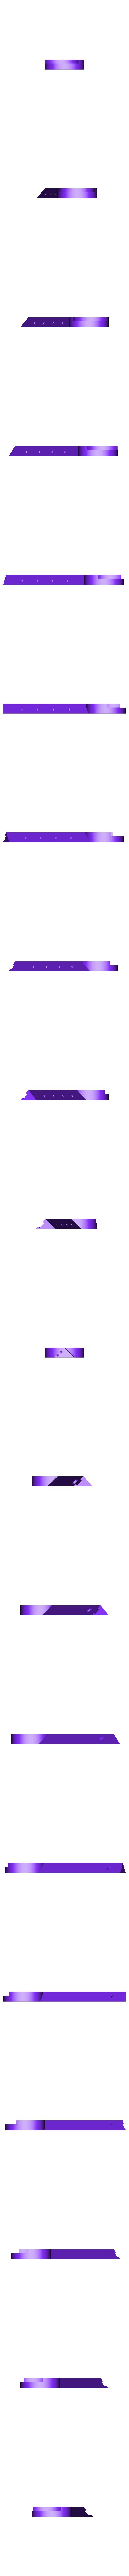 key.stl Télécharger fichier STL gratuit Mulholland Drive Box • Modèle à imprimer en 3D, SunShine